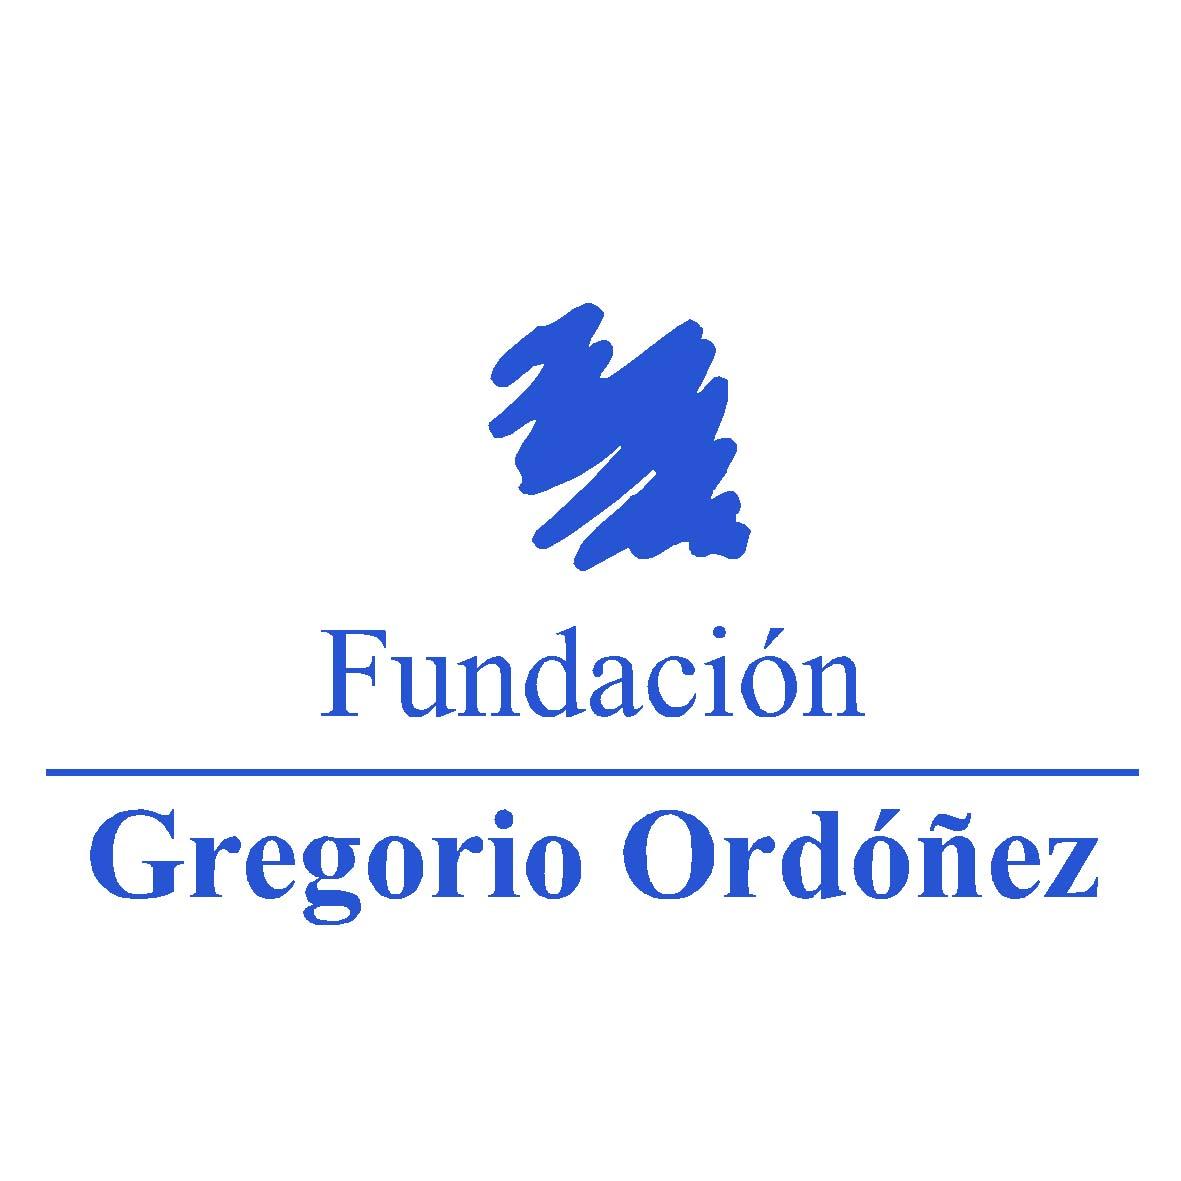 fundacion-gregorio-ordonez1